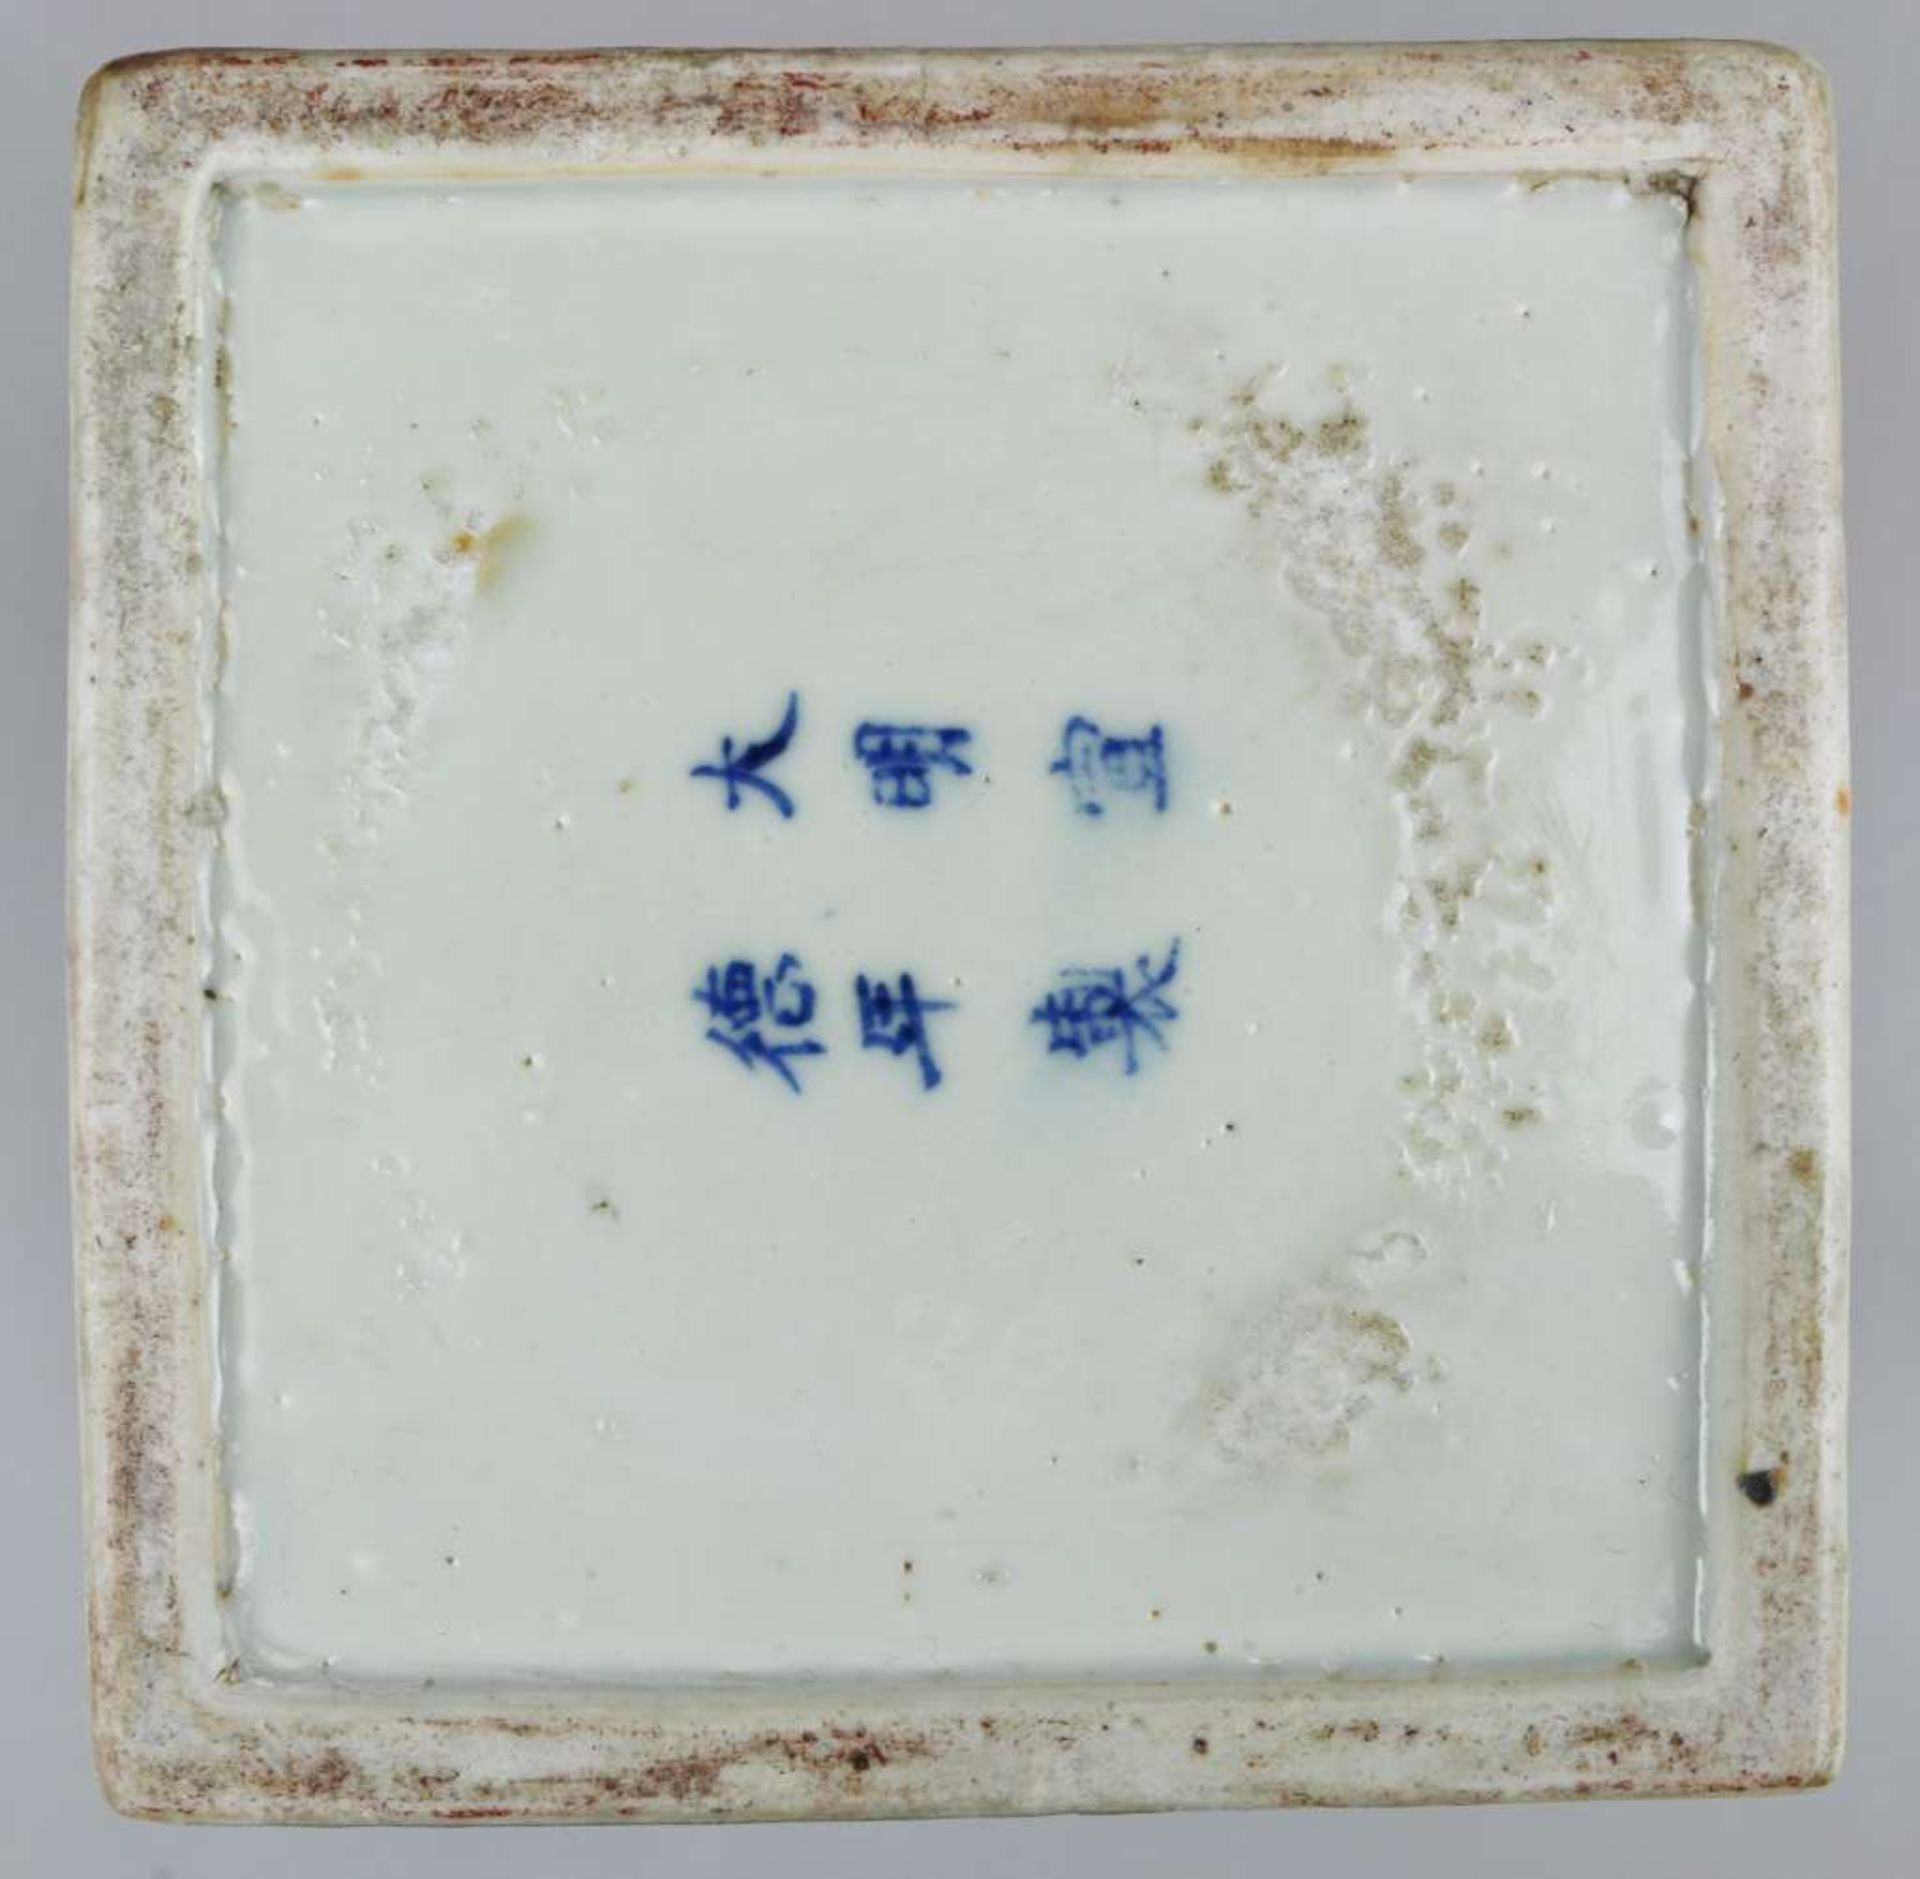 Ein blau-weiß quadratischer Schreibwarenbehälter mit Abdeckung, bestehend aus vier Teilen, ei - Bild 3 aus 5